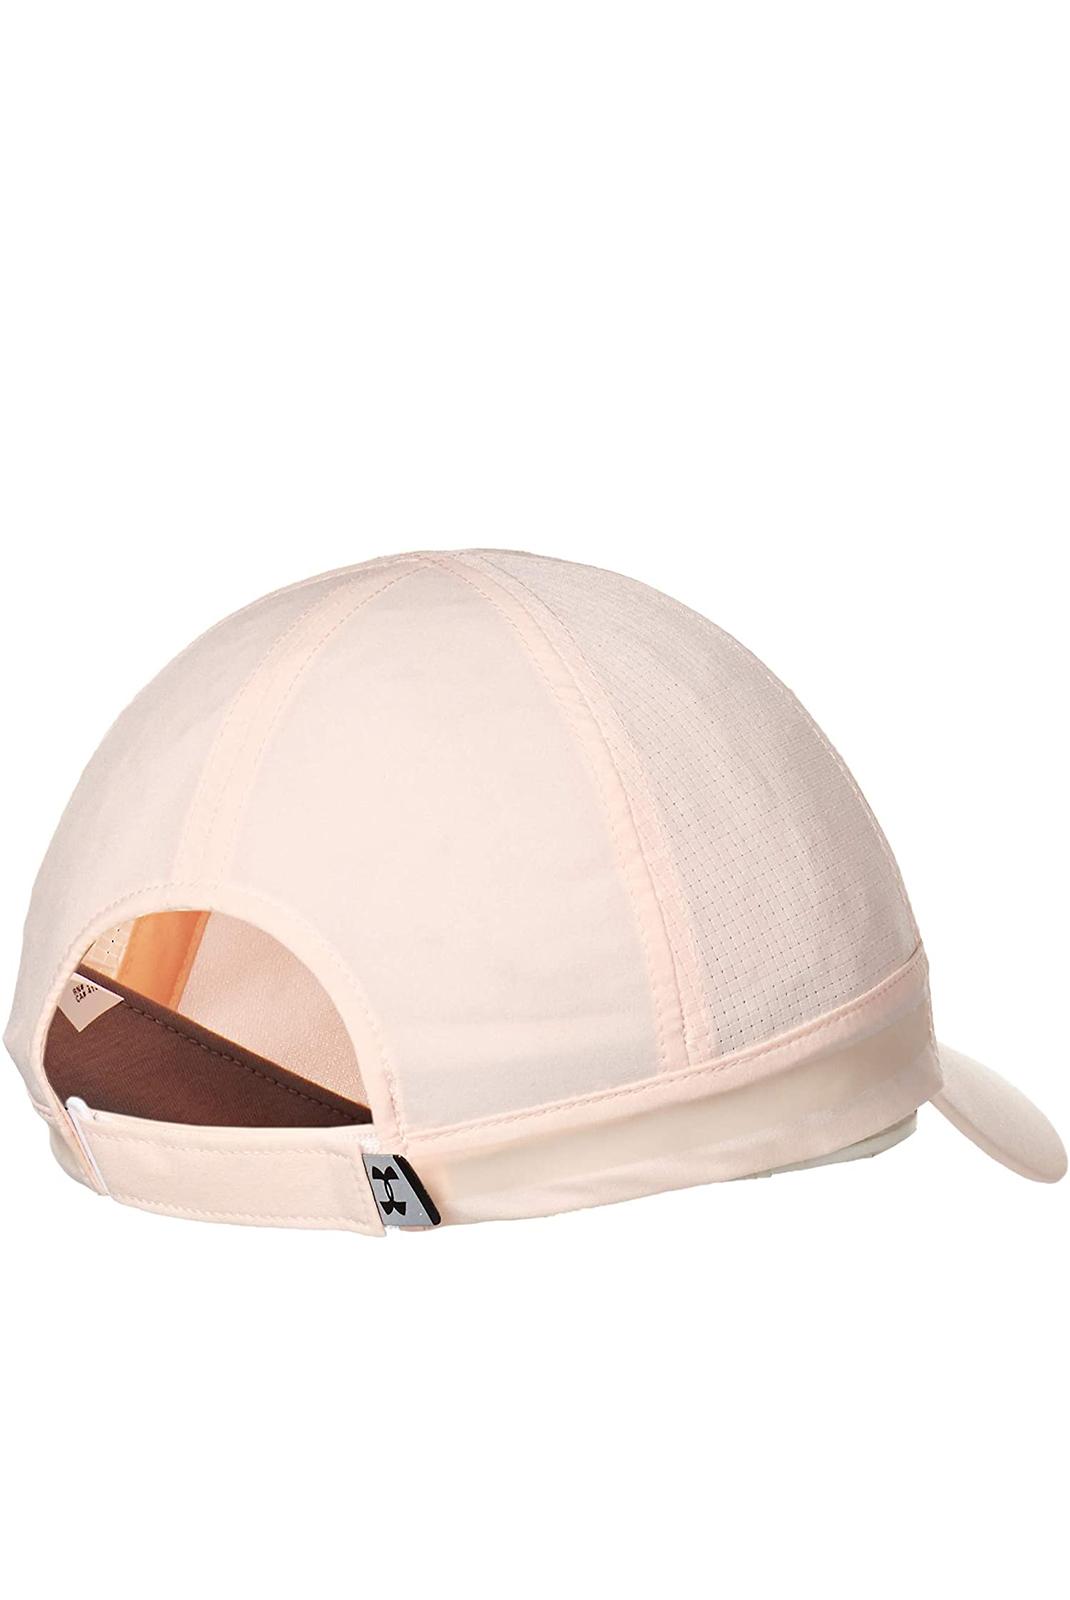 Bonnets / Casquettes  Under armour UA1306291 805-ORANGE DREAM